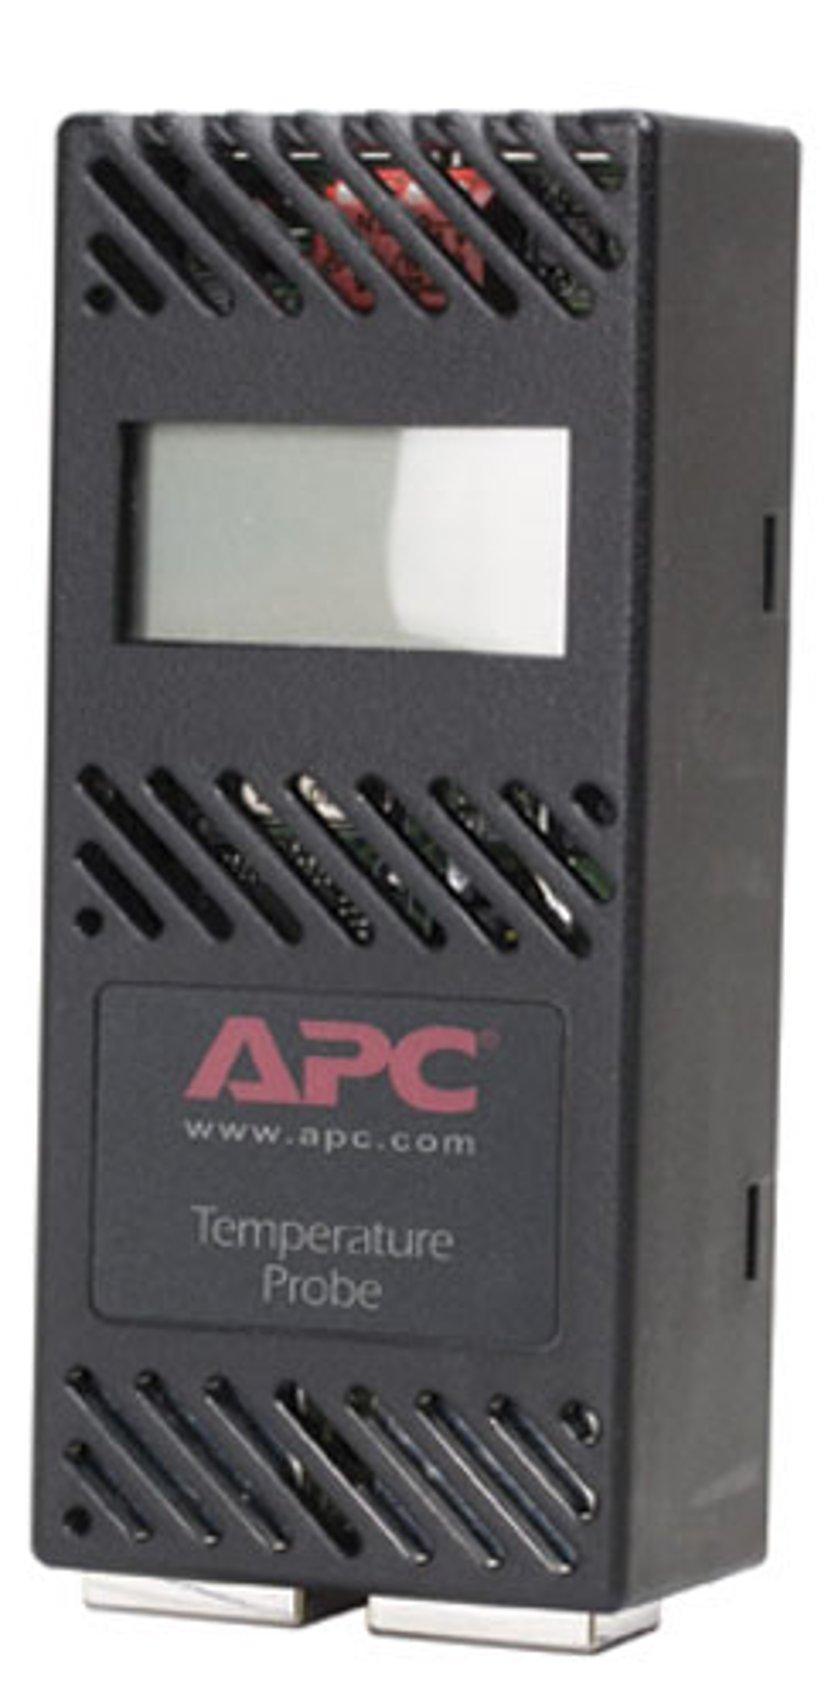 APC LCD Digital Temperature Sensor temperatur sensor